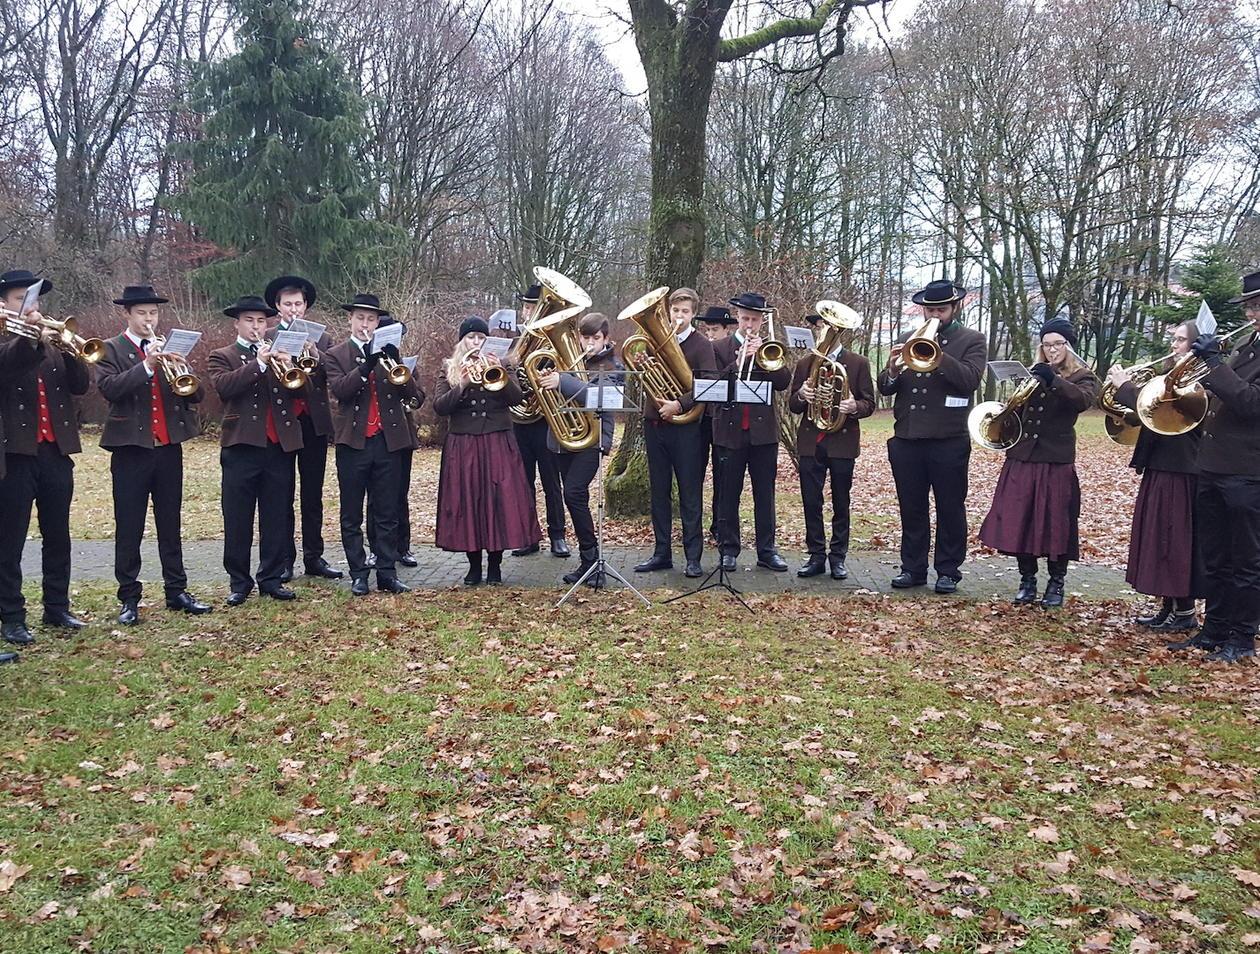 Weihnachtsgrüße Musikalisch.Wasserburg Musikalische Weihnachtsgrüße Von Der Stadtkapellenjugend